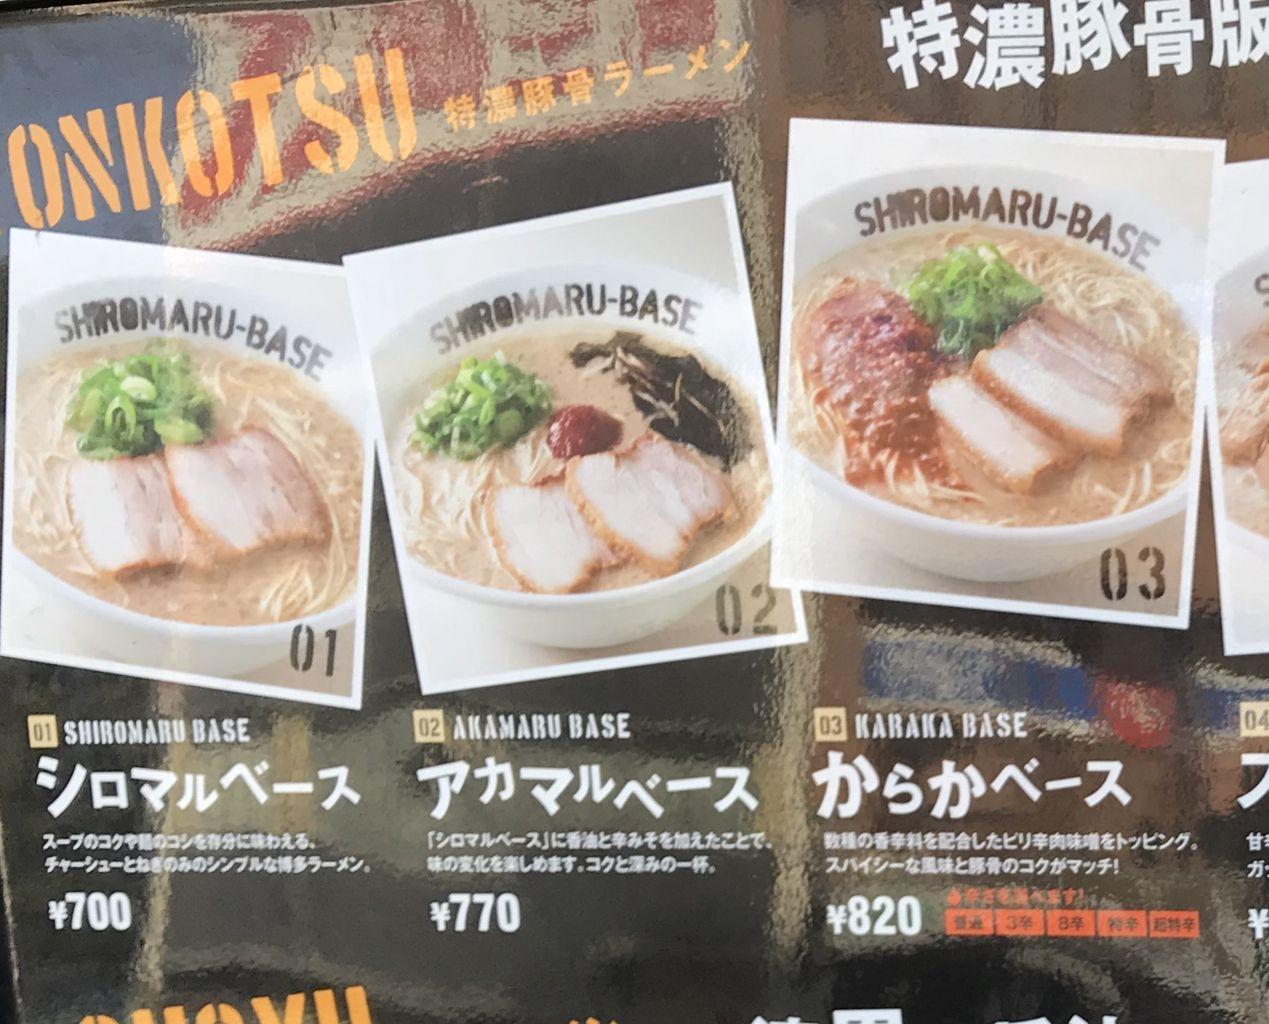 名古屋市天白区のラーメンランキングTOP10 - じゃらんnet